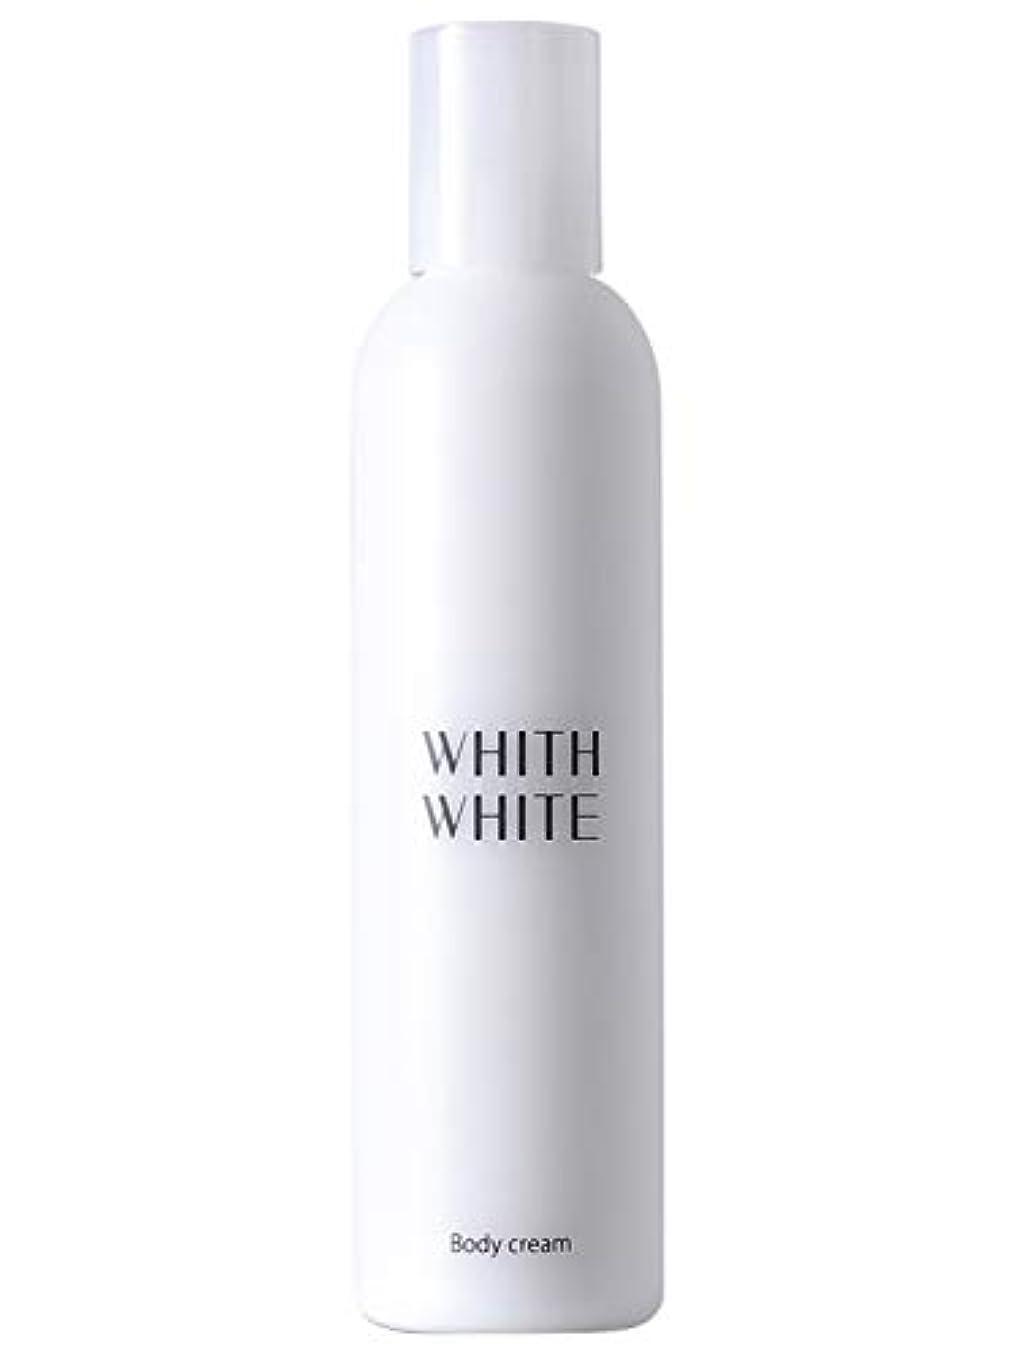 要求承認する軽減するフィス ホワイト 保湿 ボディクリーム 「顔 かかと 全身 乾燥肌 しみ くすみ 用 エモリエント 保湿クリーム 」200g